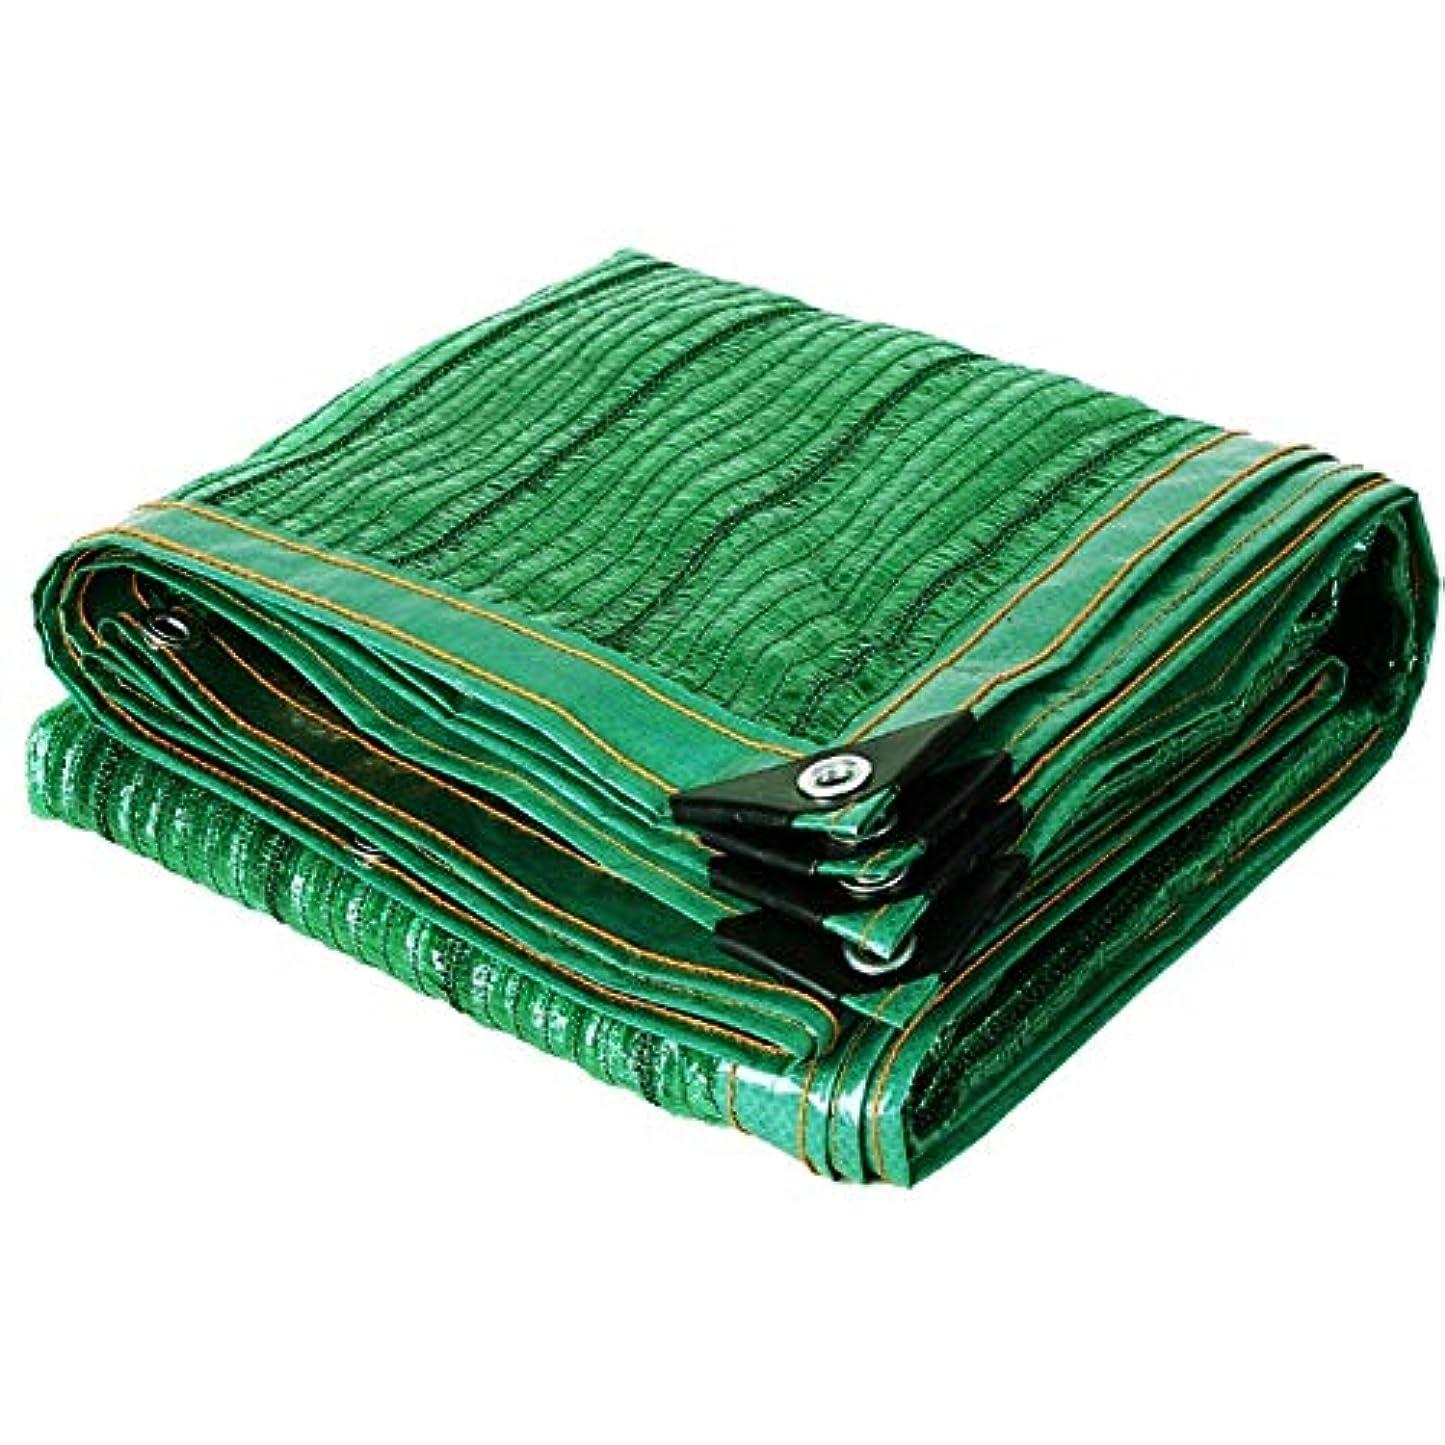 束ヤギ早いSHIJINHAO オーニングシェード遮光ネット メッシュ生地 工場 影 保護 帆 老化防止 ラップエッジ 引き裂き抵抗 ポリエステル、23サイズ (Color : Green, Size : 6x6m)